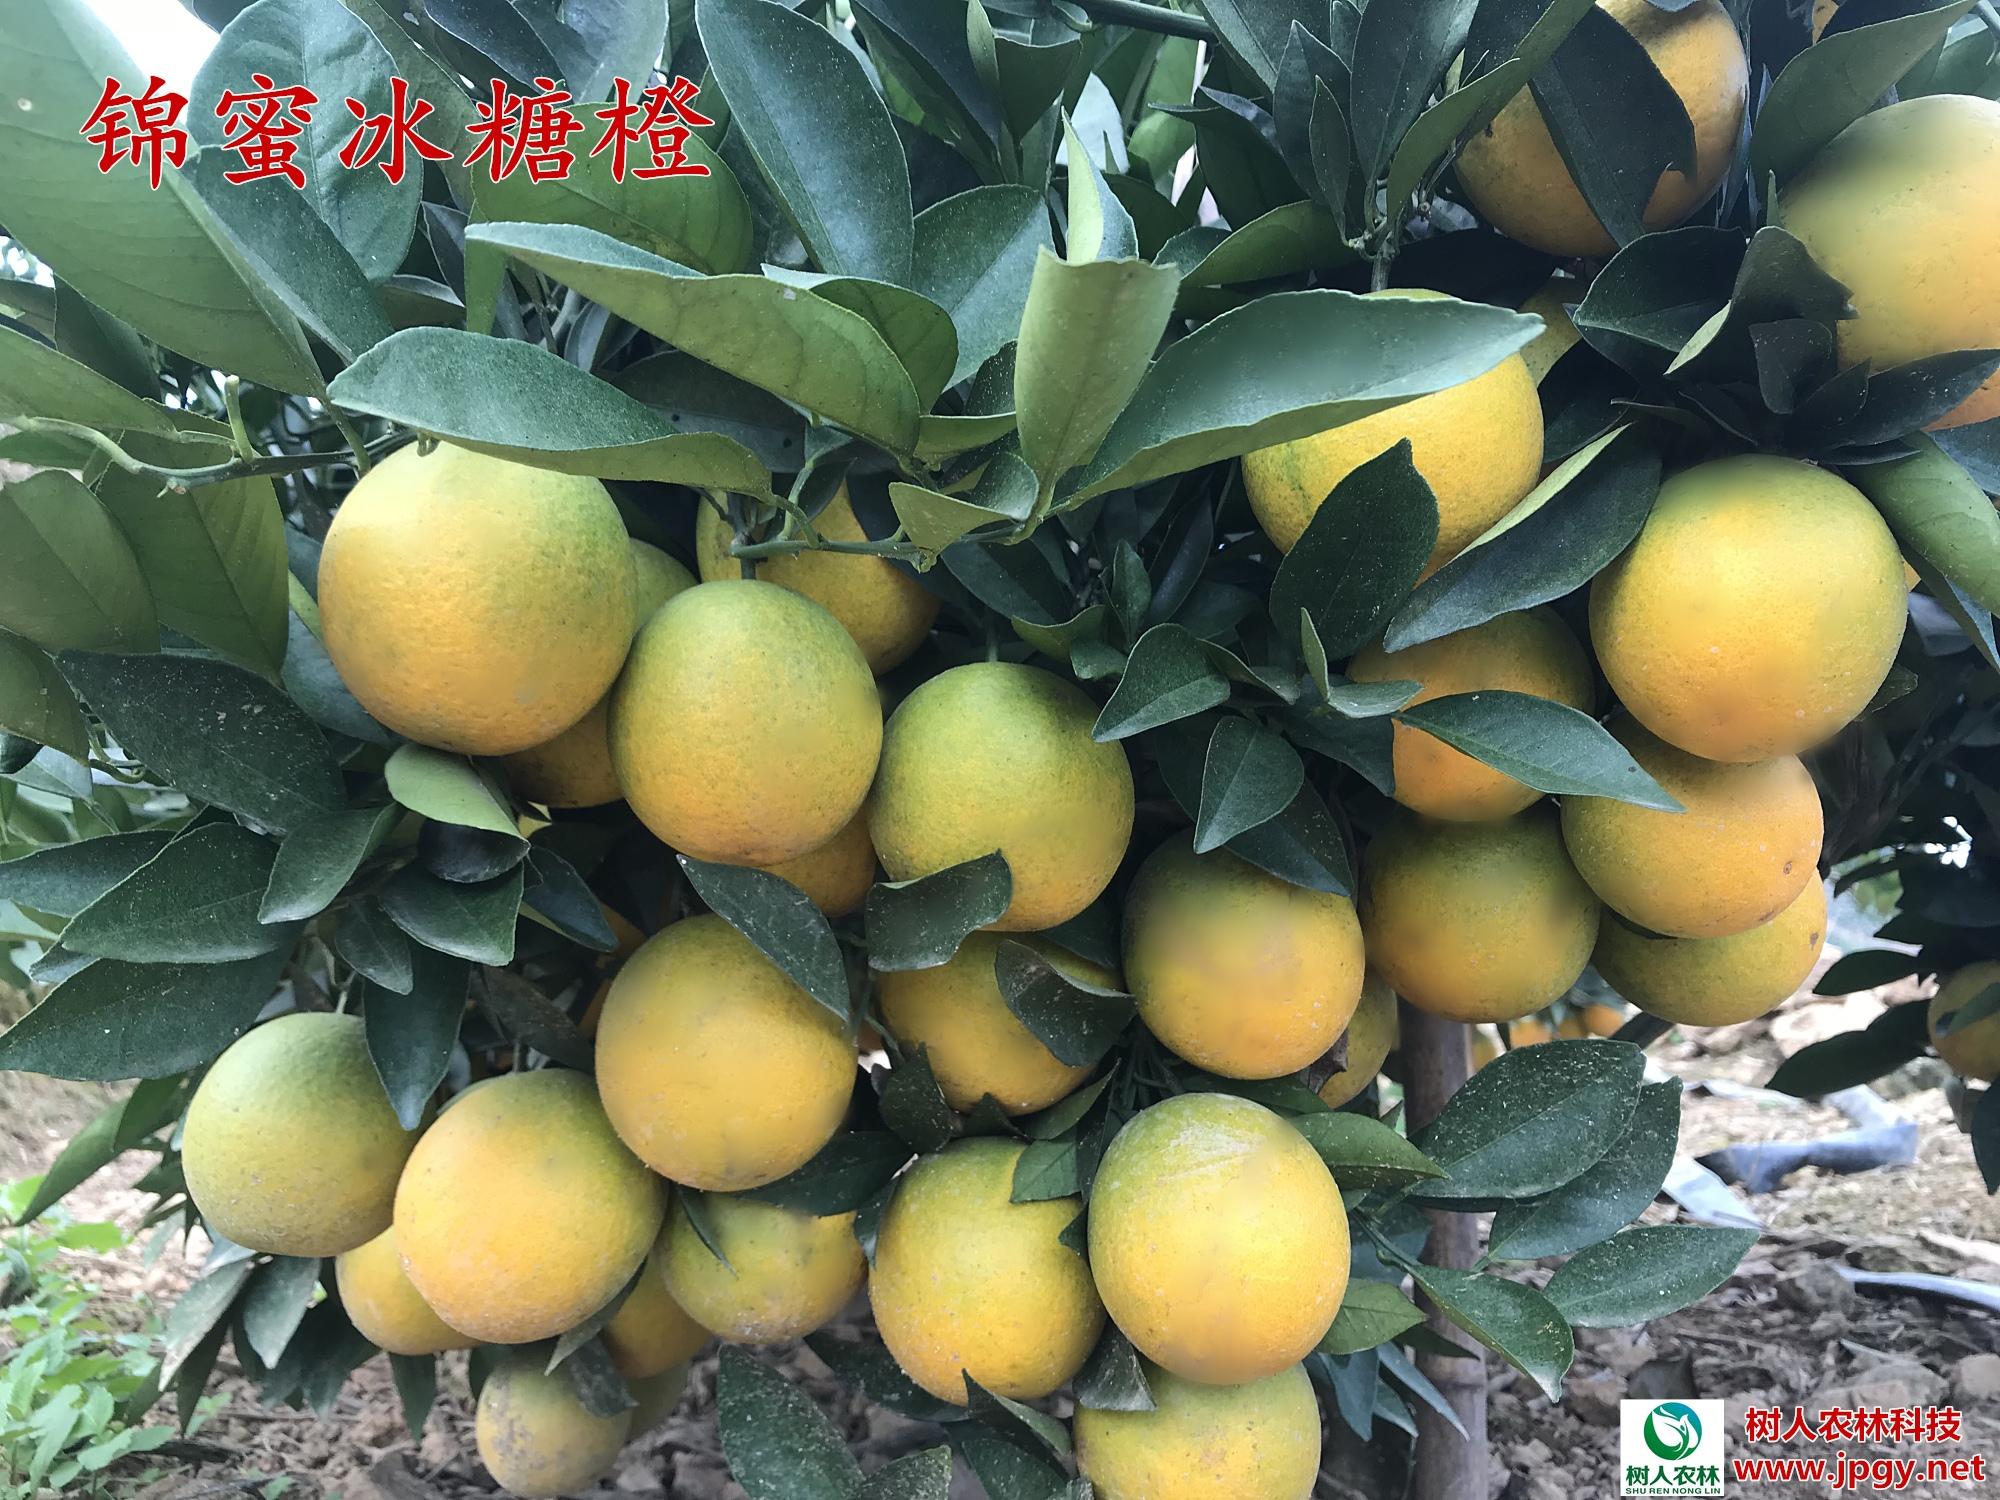 甜橙 甜橙苗 湖南脐橙苗种植批发价格多少钱